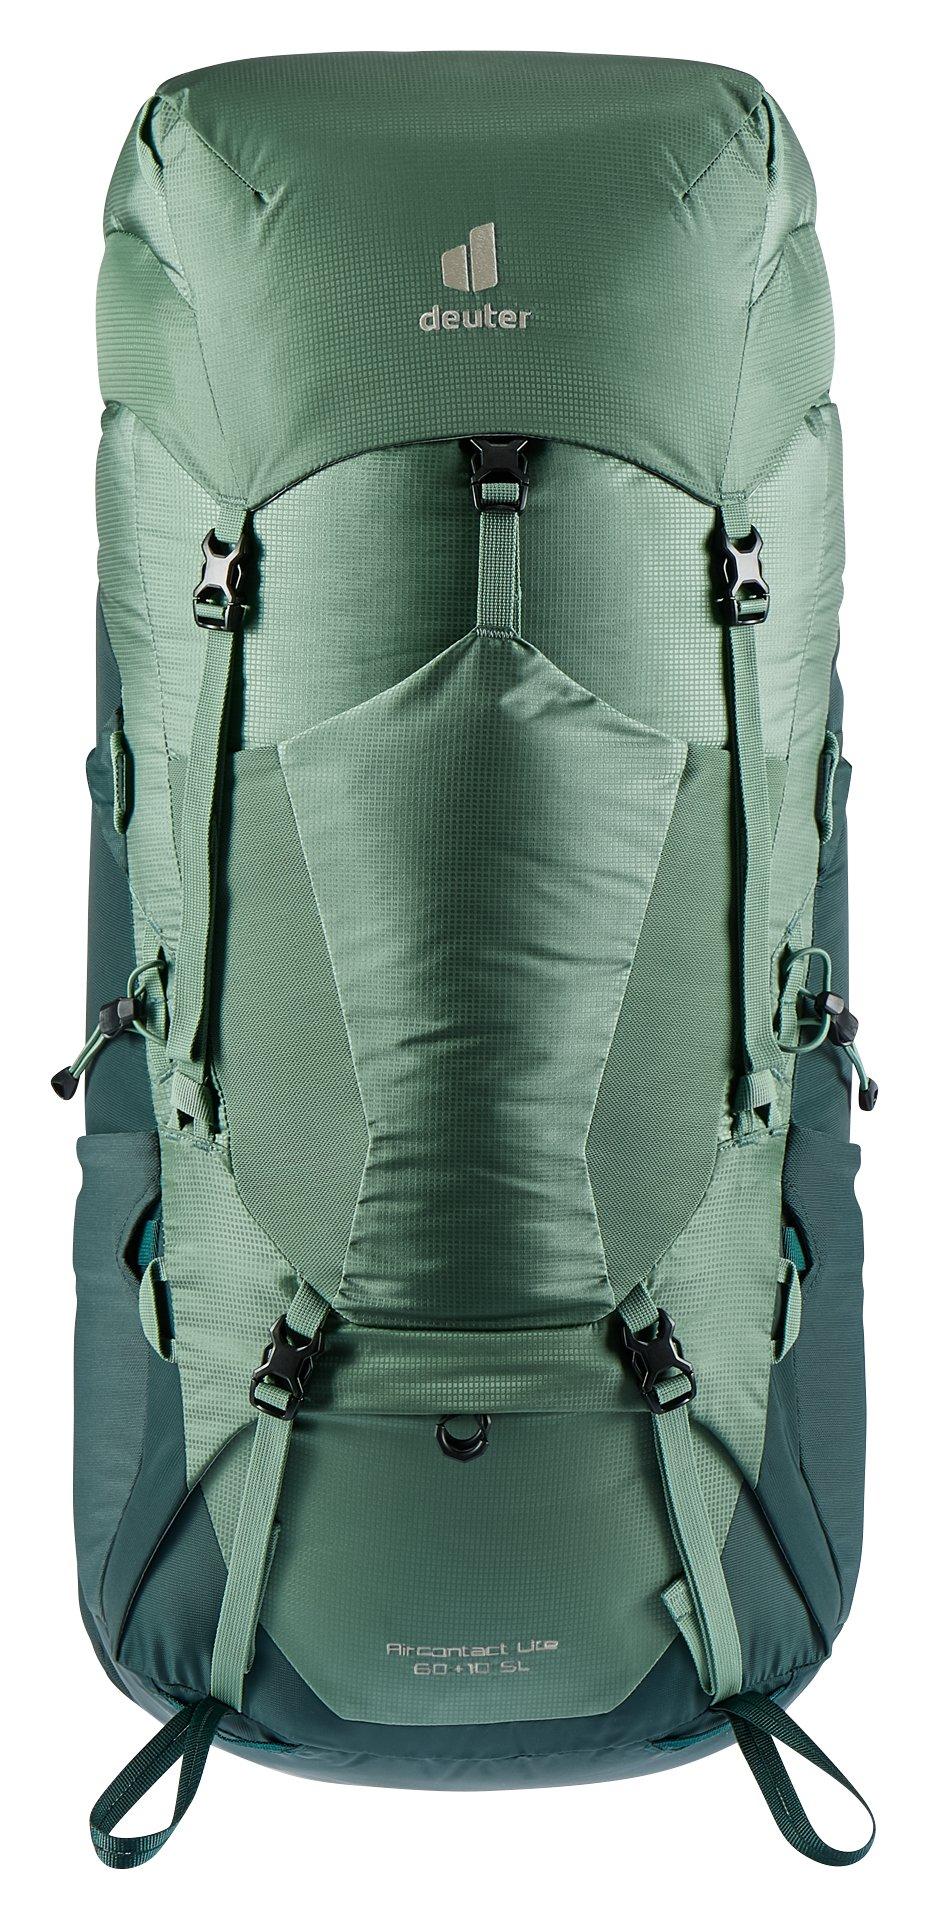 Deuter - Aircontact Lite 60 + 10 SL, Trekkingrucksack für Frauen